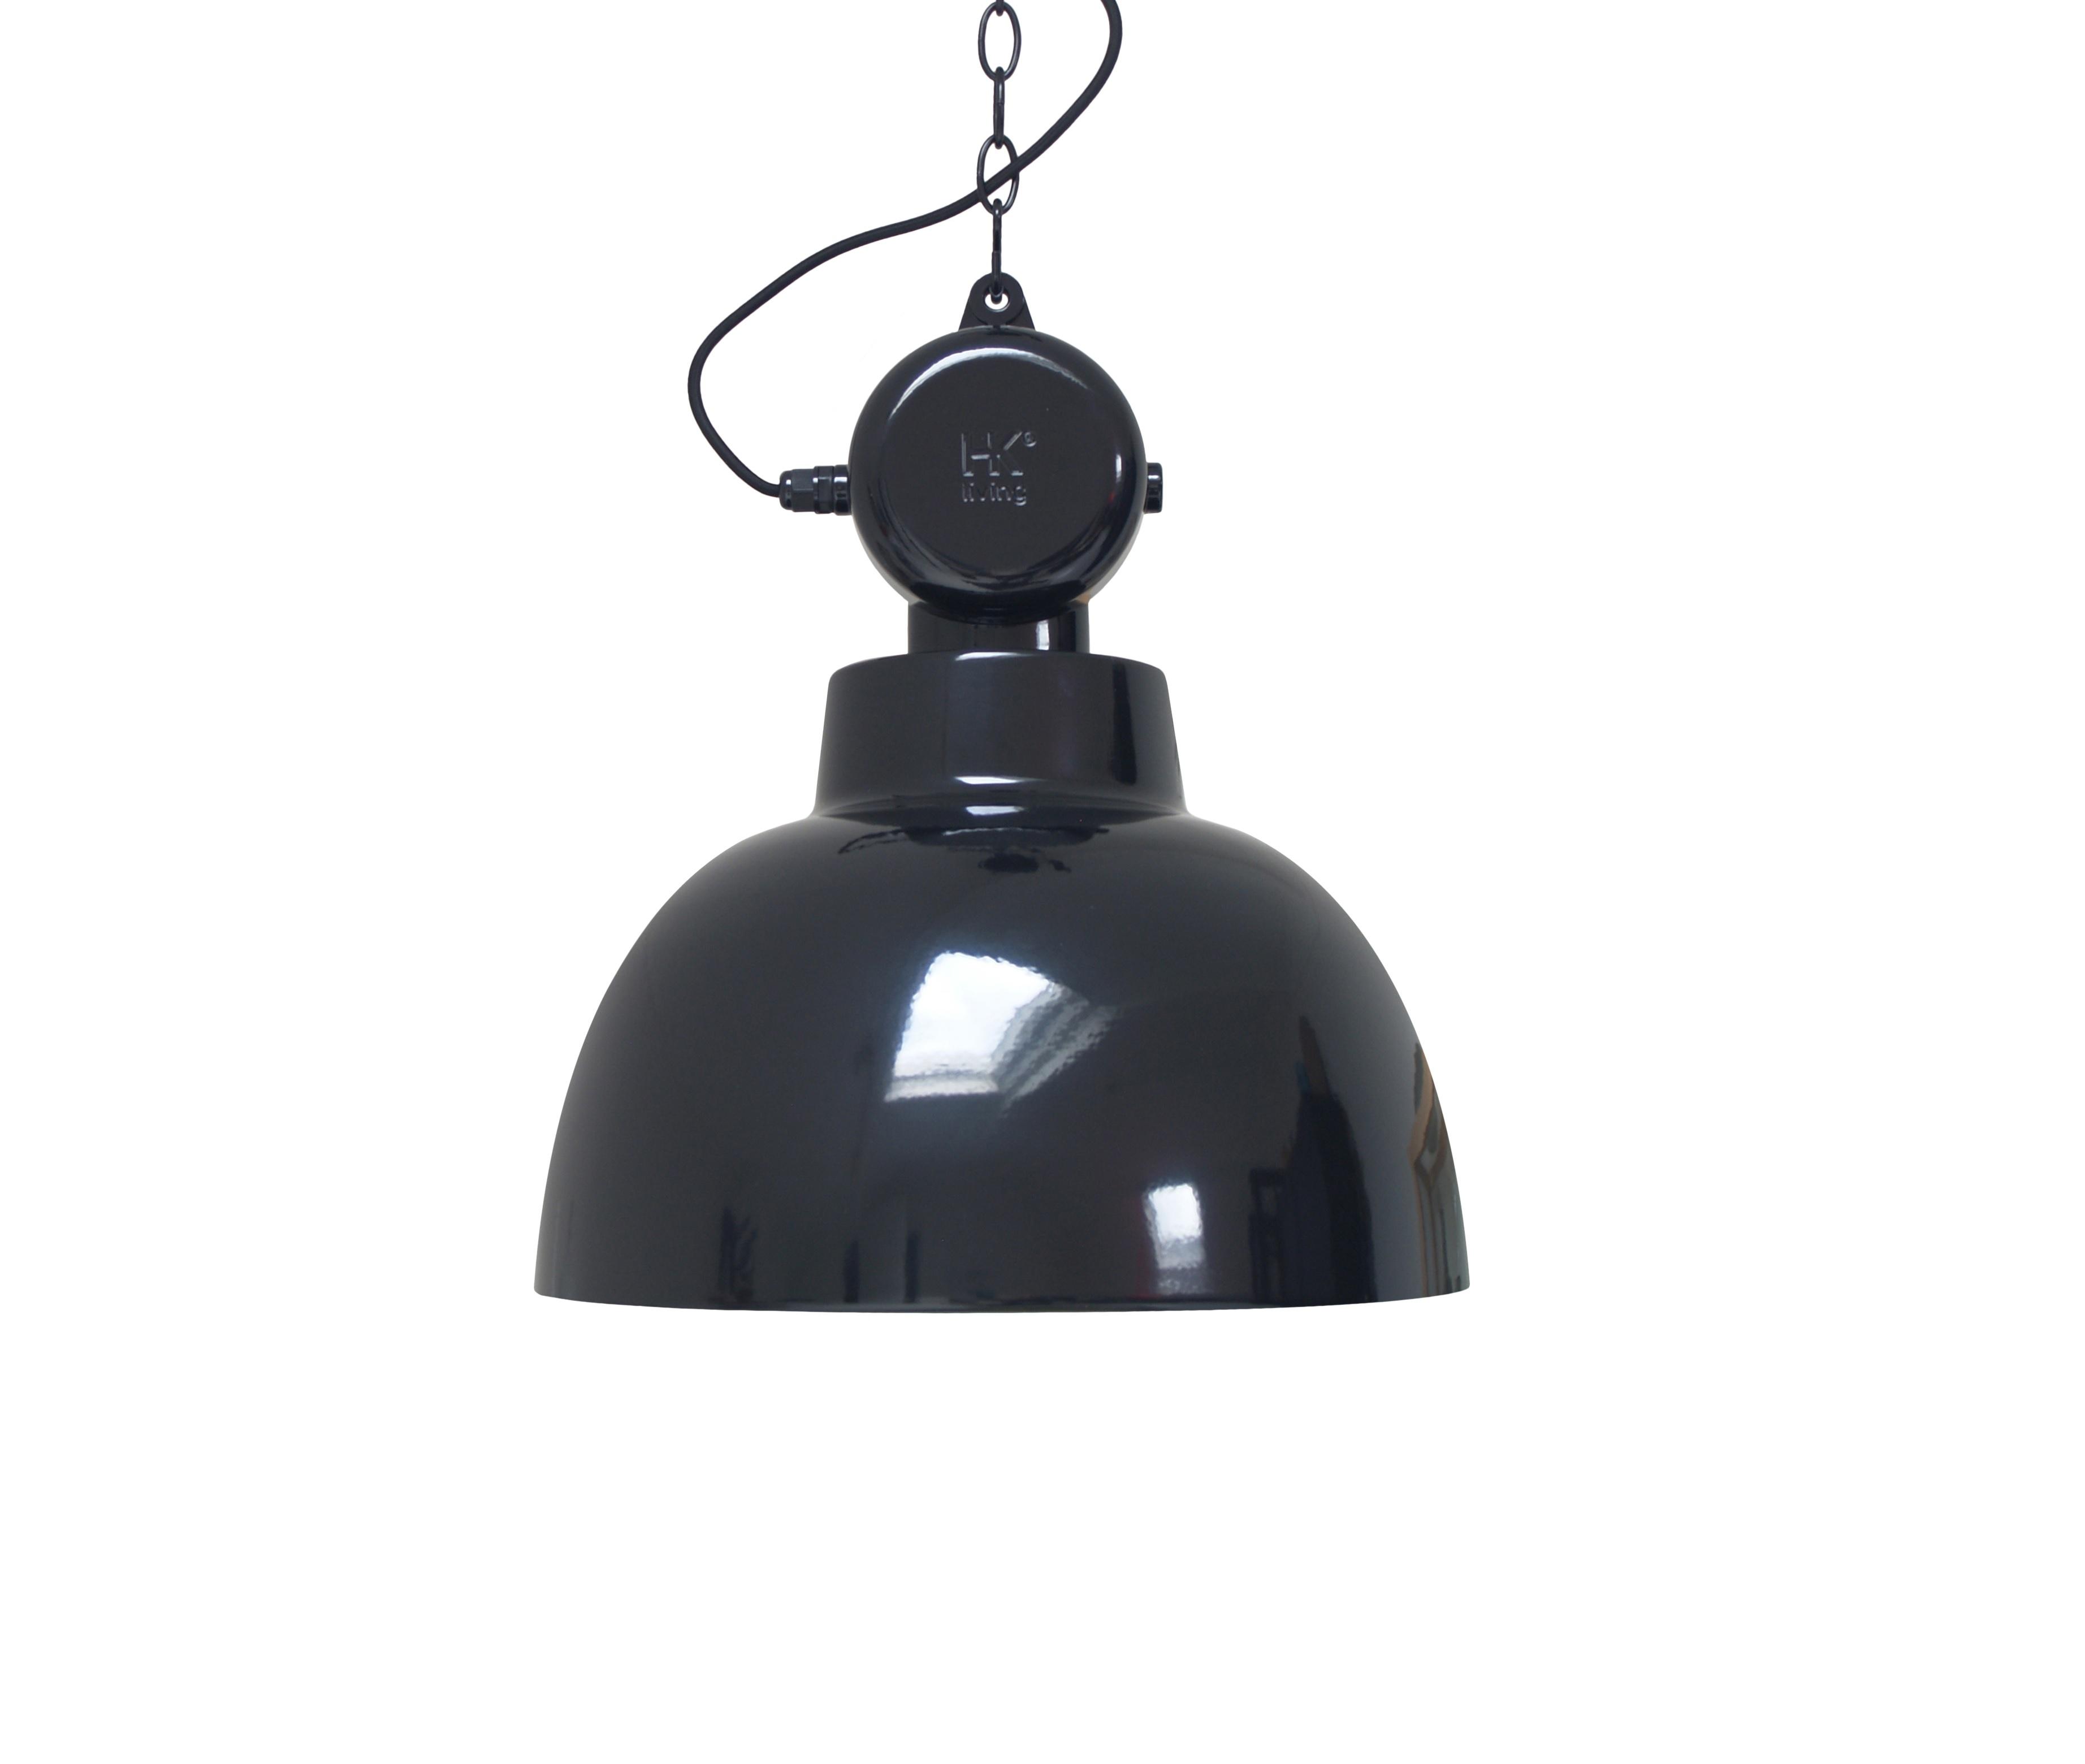 Лампа FACTORYПодвесные светильники<br>Индустриальный светильник в новом исполнении. Черный шнур + металлическая цепь длиной 2 м.&amp;lt;div&amp;gt;&amp;lt;br&amp;gt;&amp;lt;/div&amp;gt;&amp;lt;div&amp;gt;Вид цоколя: Е27&amp;lt;/div&amp;gt;&amp;lt;div&amp;gt;Мощность: 60W&amp;lt;/div&amp;gt;&amp;lt;div&amp;gt;Количество ламп: 1&amp;lt;/div&amp;gt;<br><br>Material: Металл<br>Высота см: 55